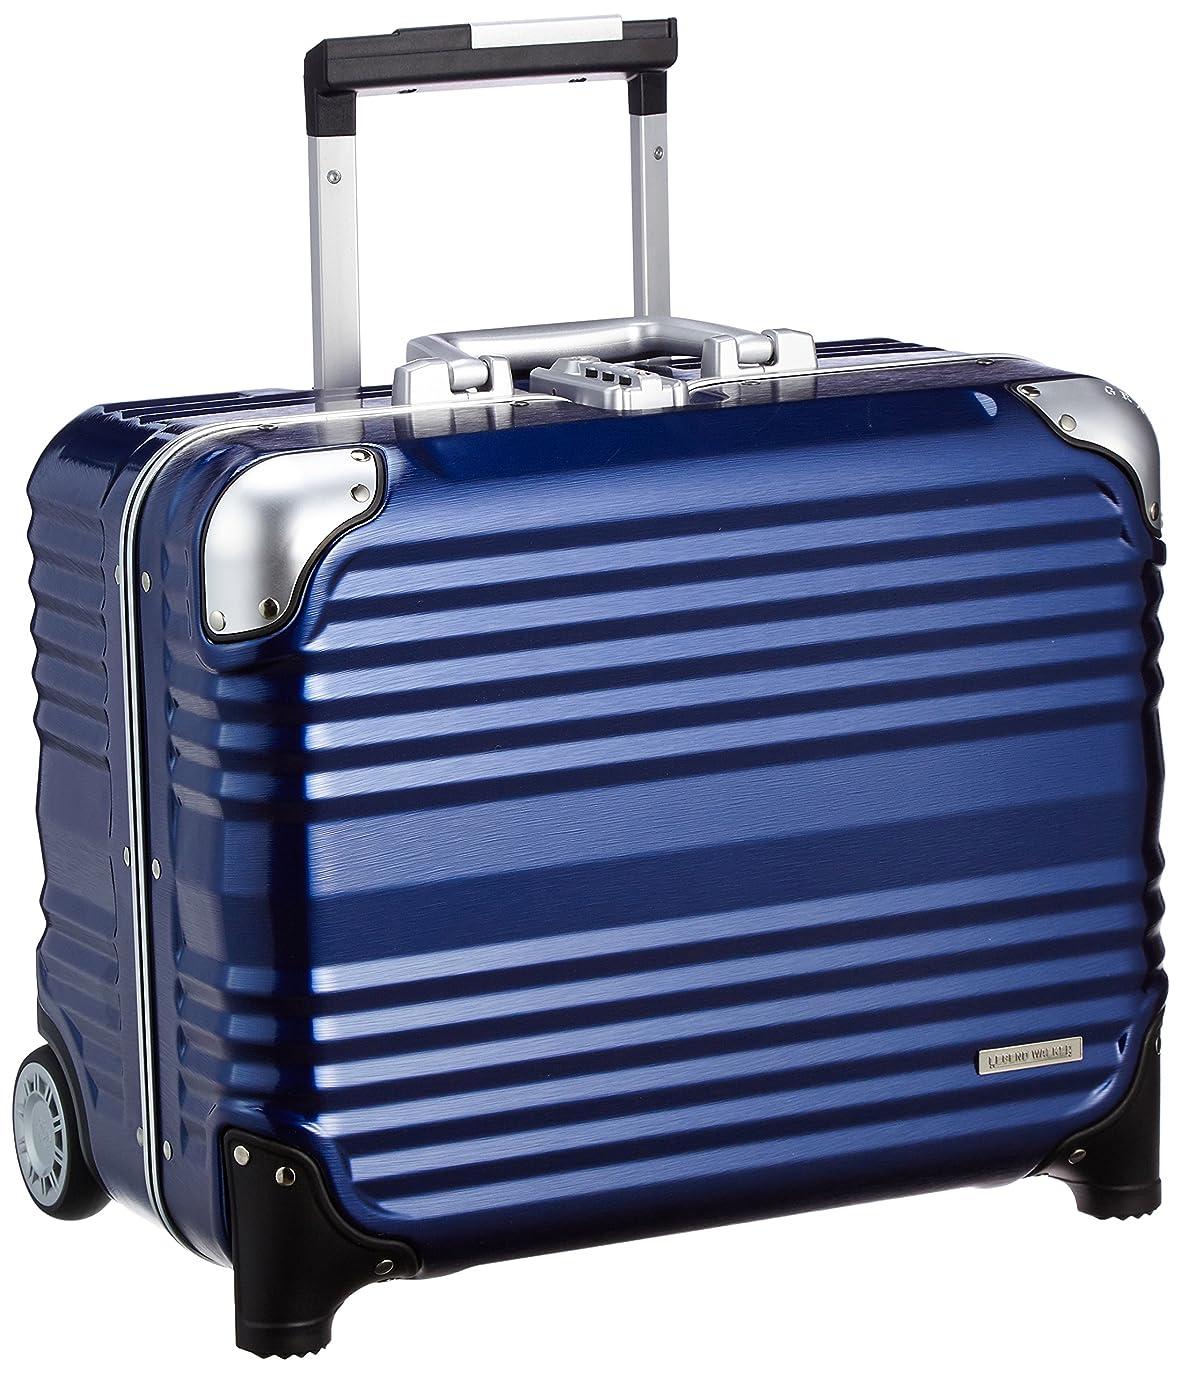 上記の頭と肩傀儡飲料[レジェンドウォーカー] legend walker スーツケース 機内持ち込みサイズ ビジネスキャリー グランシリーズ